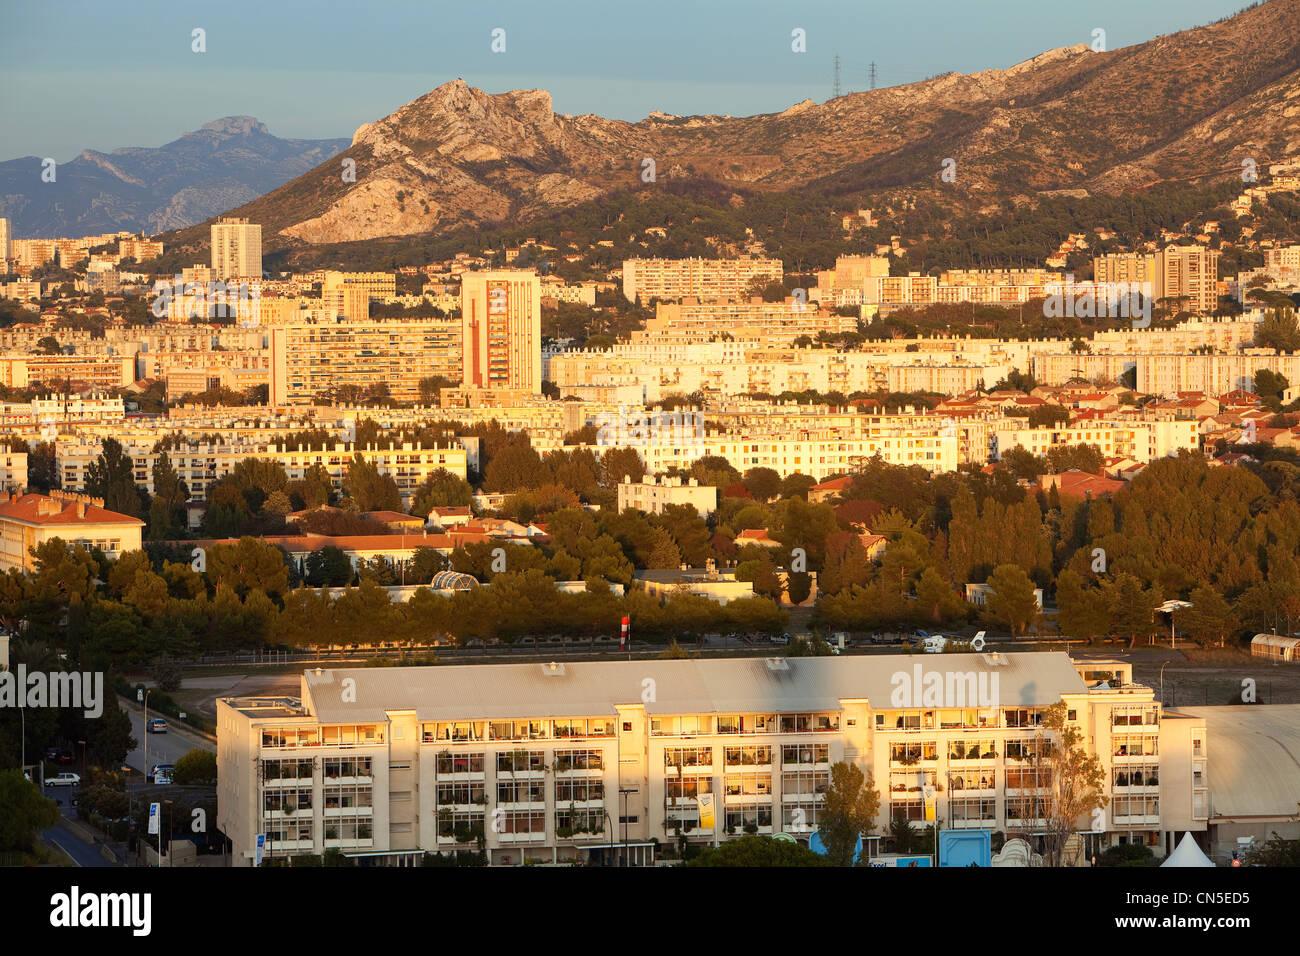 France, Bouches du Rhone, Marseille, 9th arrondissement, Palais des Sports (Sports Hall), La Capelette District - Stock Image